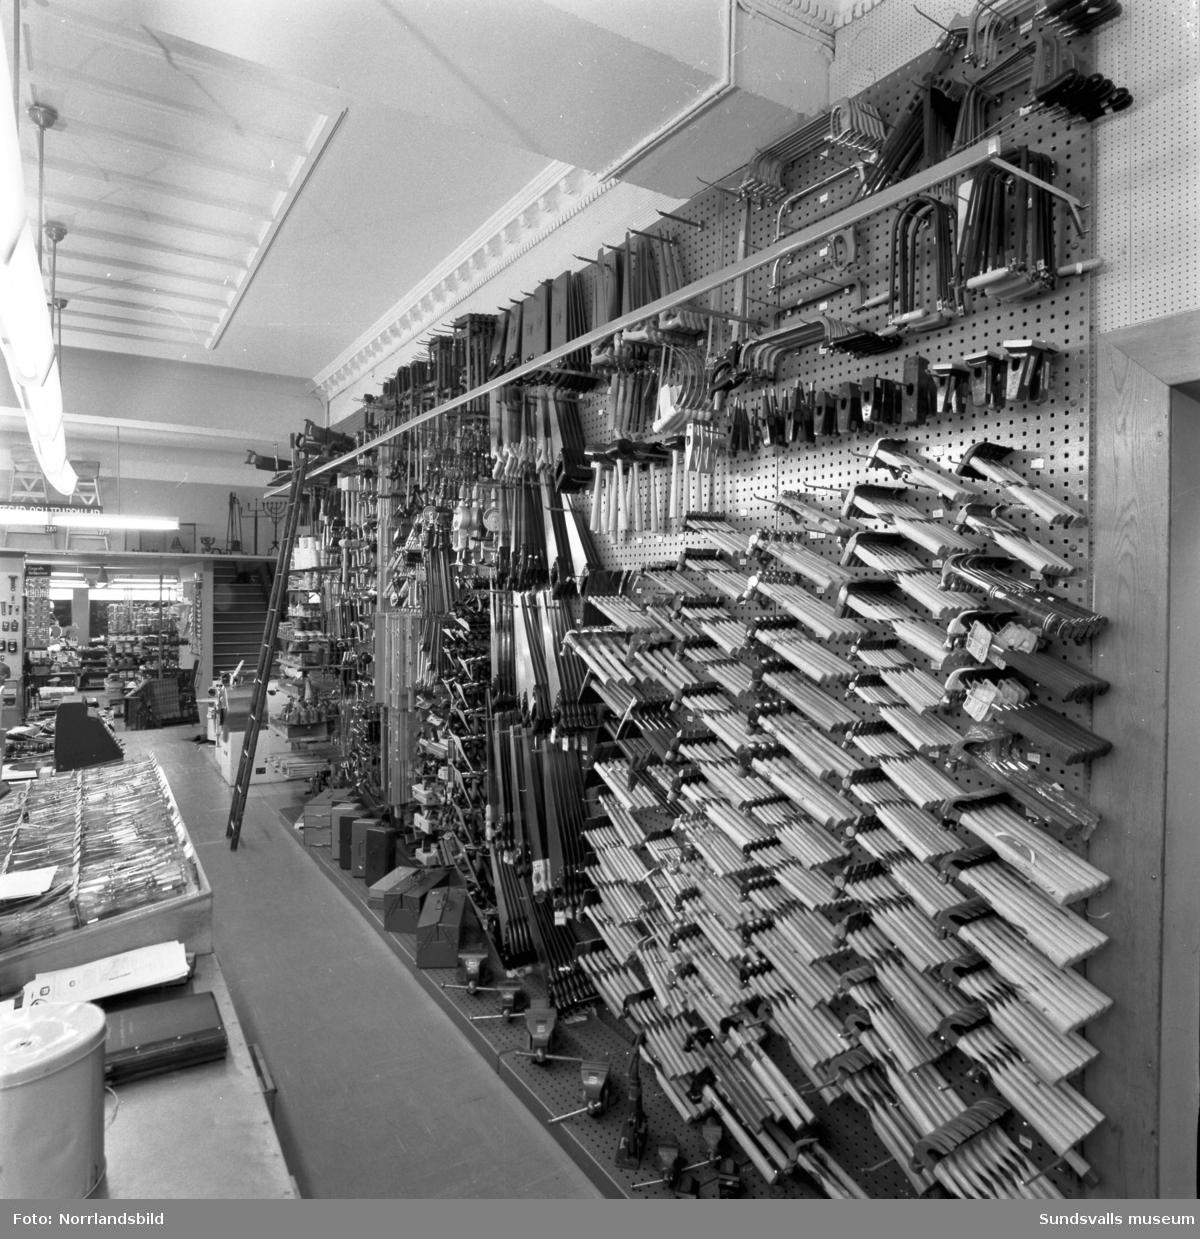 Interiörbilder från Näslund & Viklunds Järn med verktyg och övriga järnhandelsvaror.